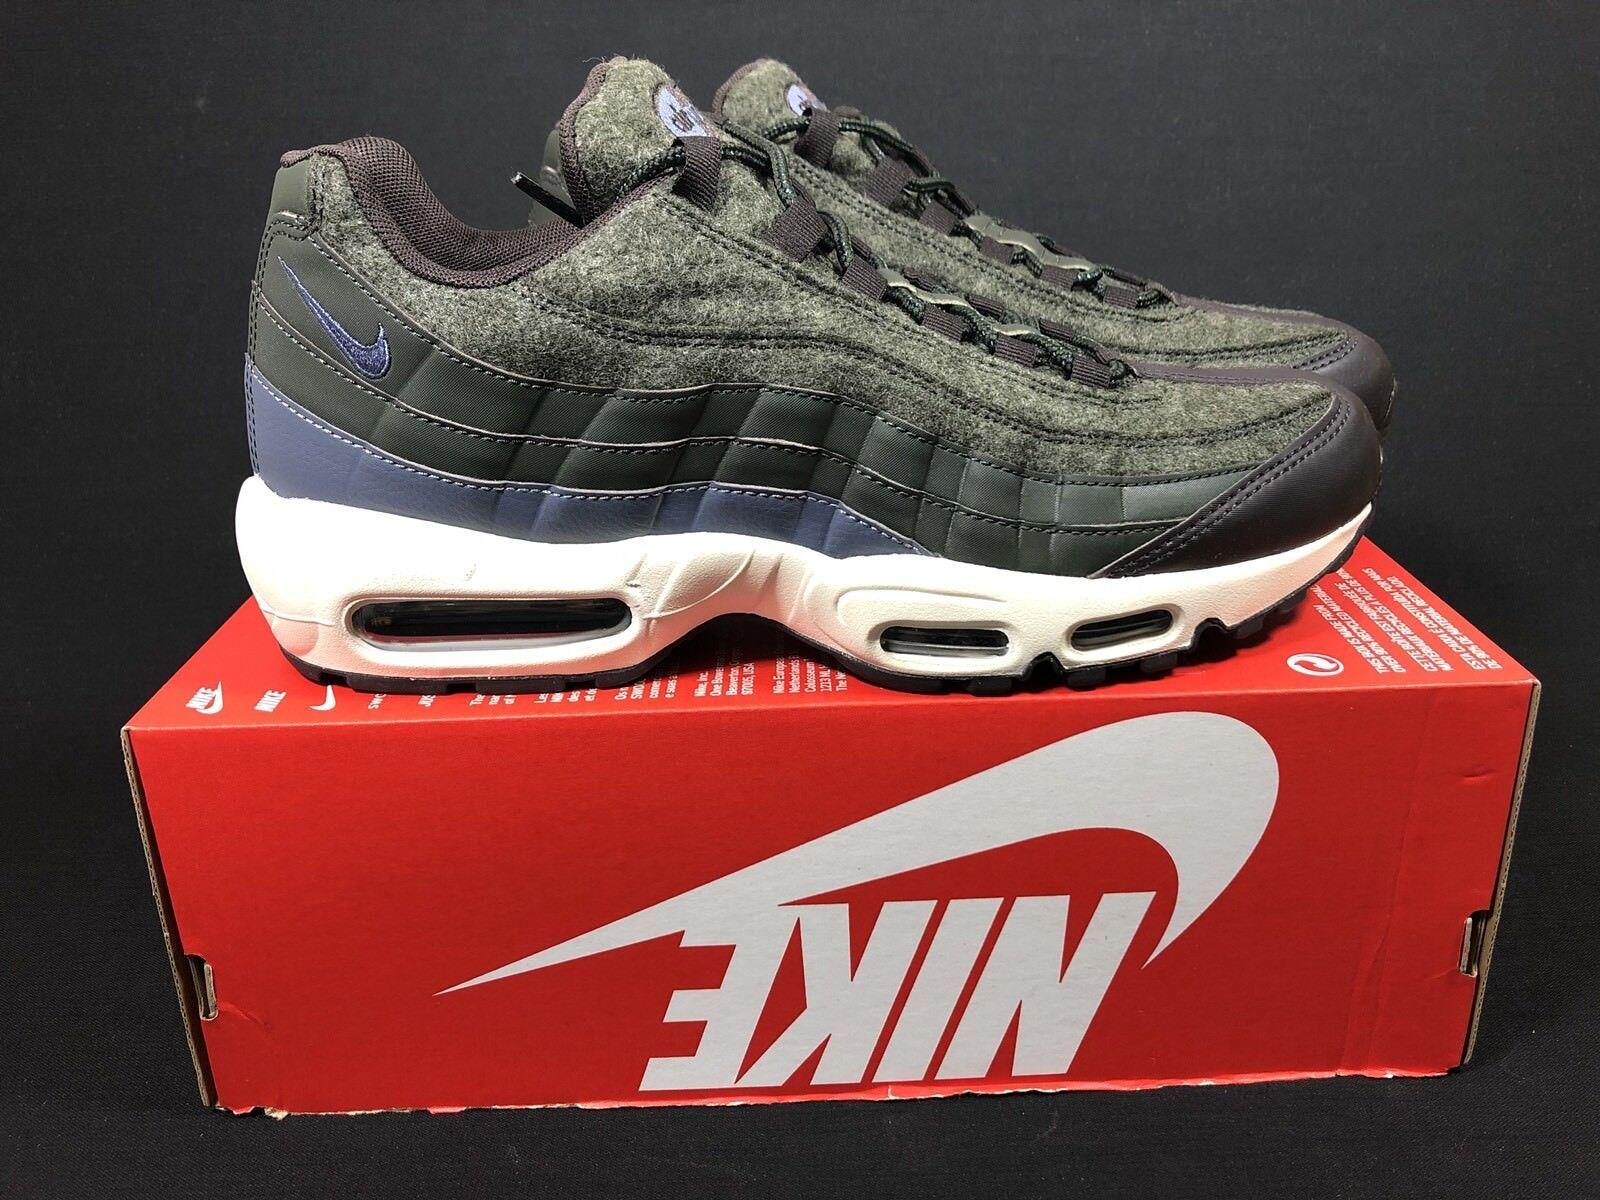 Nike air max 95 sonodiventate sequoia / luce di dimensioni carbonio dimensioni di uk10 / us11 / cm29 / eur45 538416-300 8a0f85